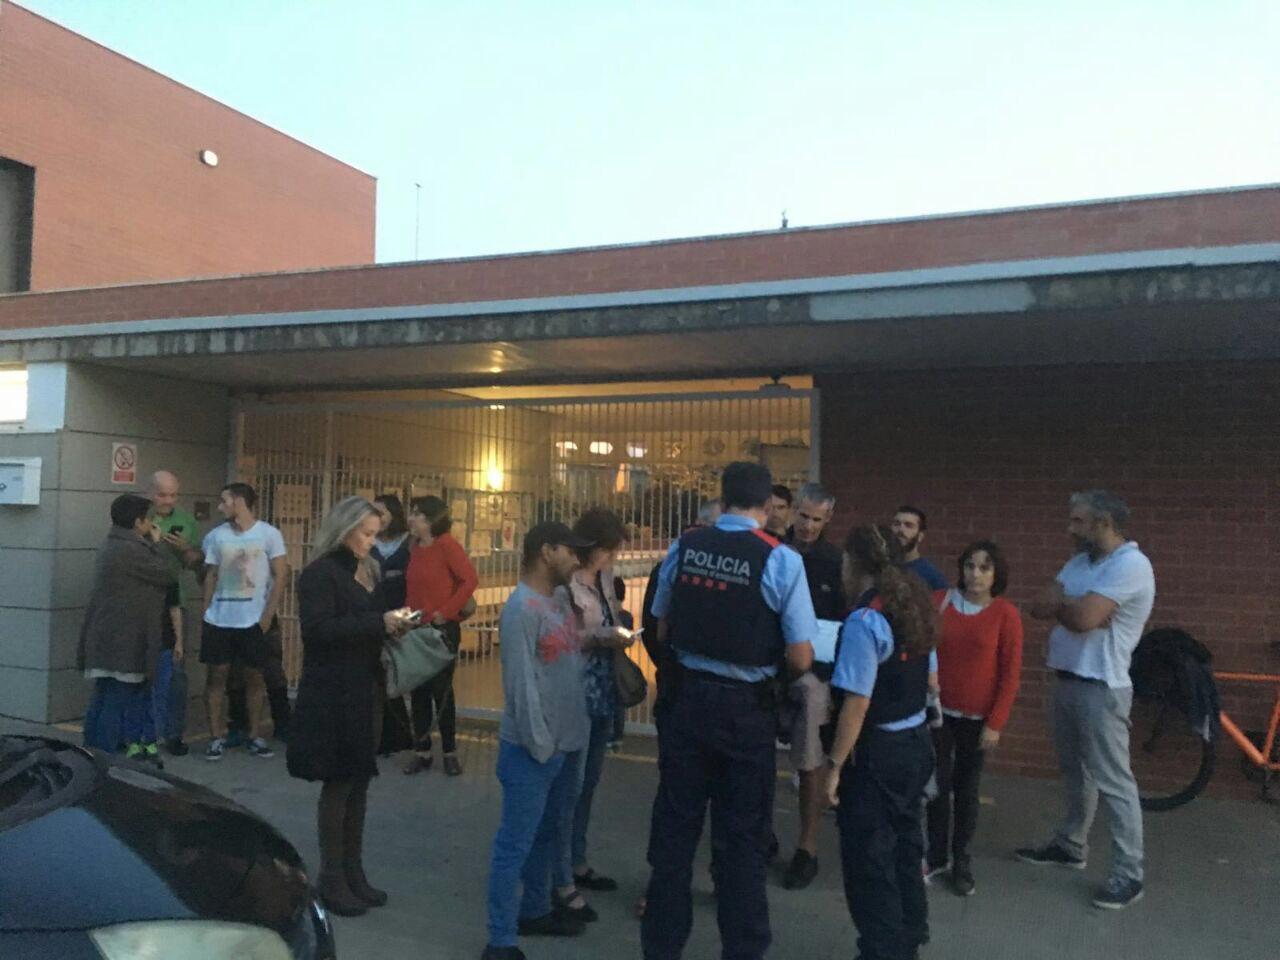 Moment en què els mossos han anat a l'escola Pompeu Fabra de Manlleu